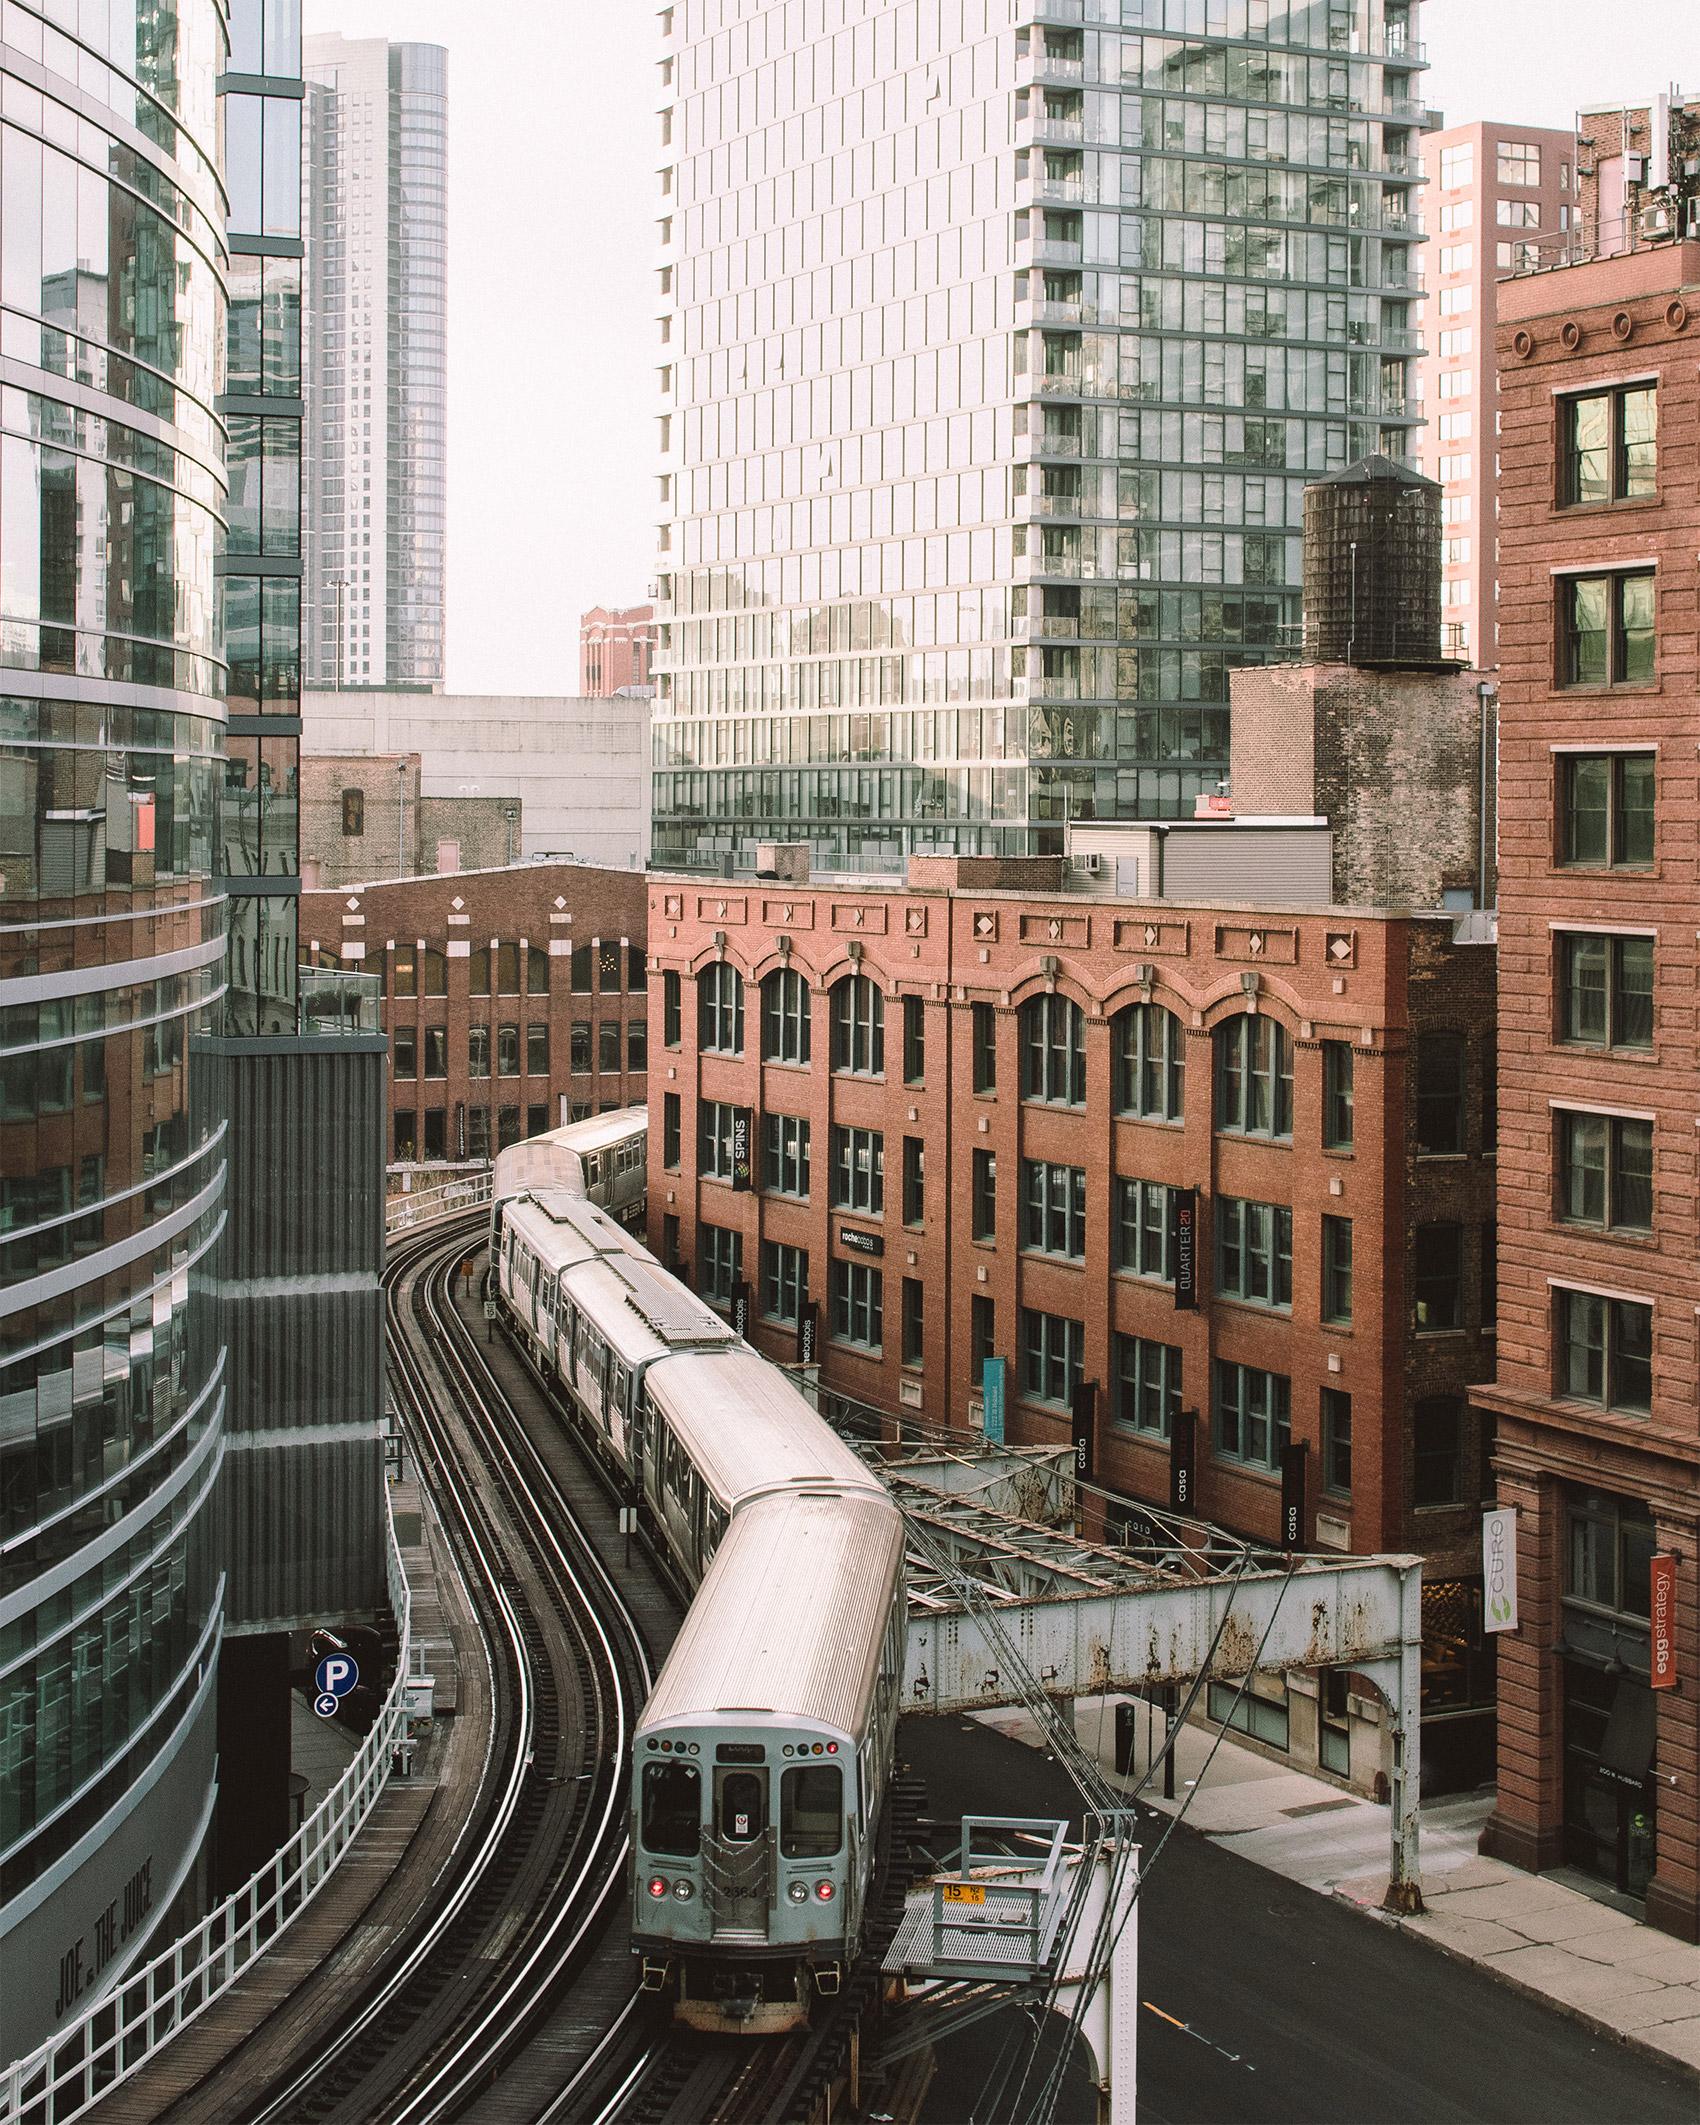 Jeffrey Czum   Tracks   CanonAe-1   28mm